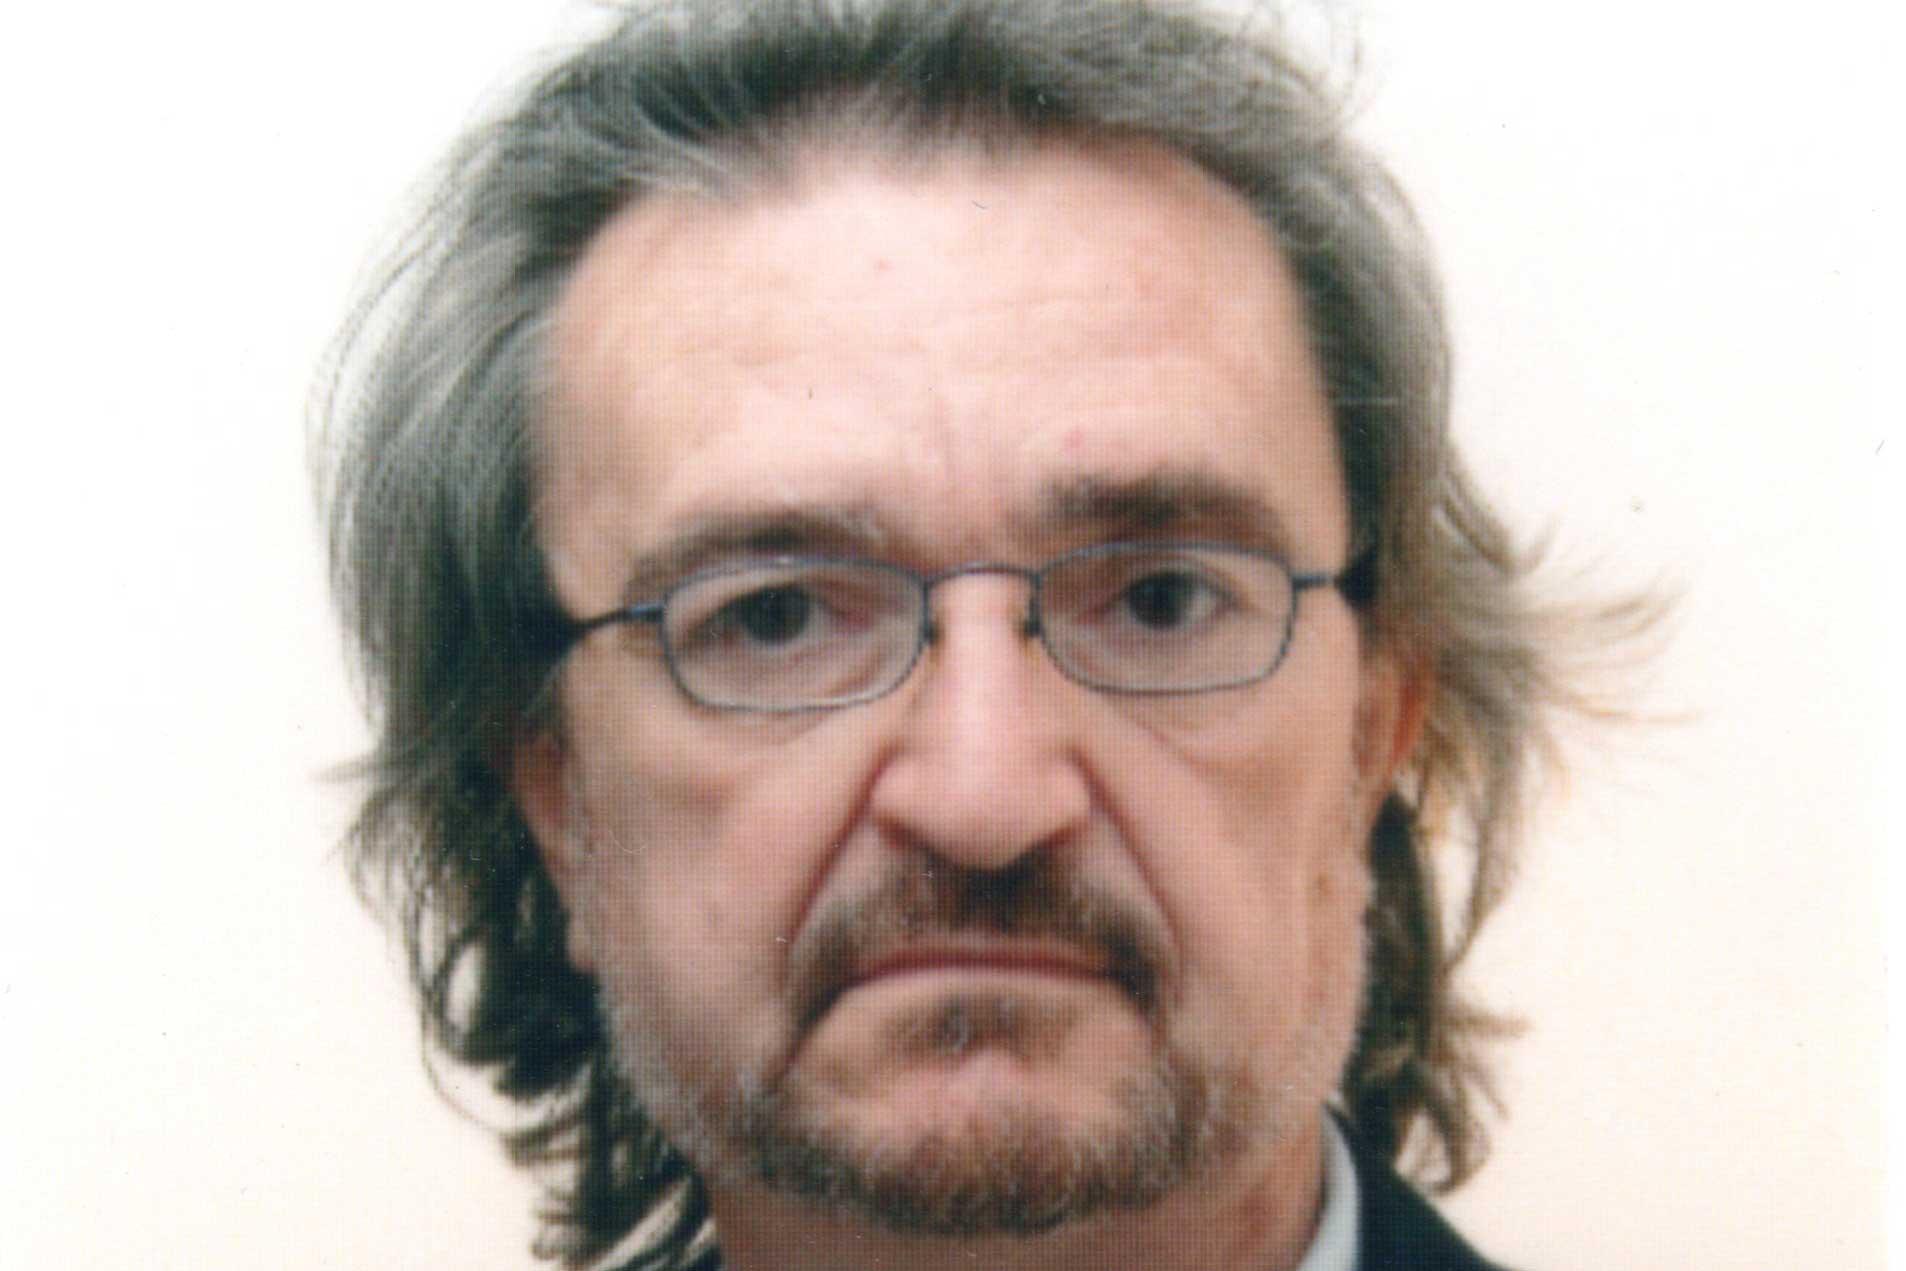 Dott. GIANNI FLORO